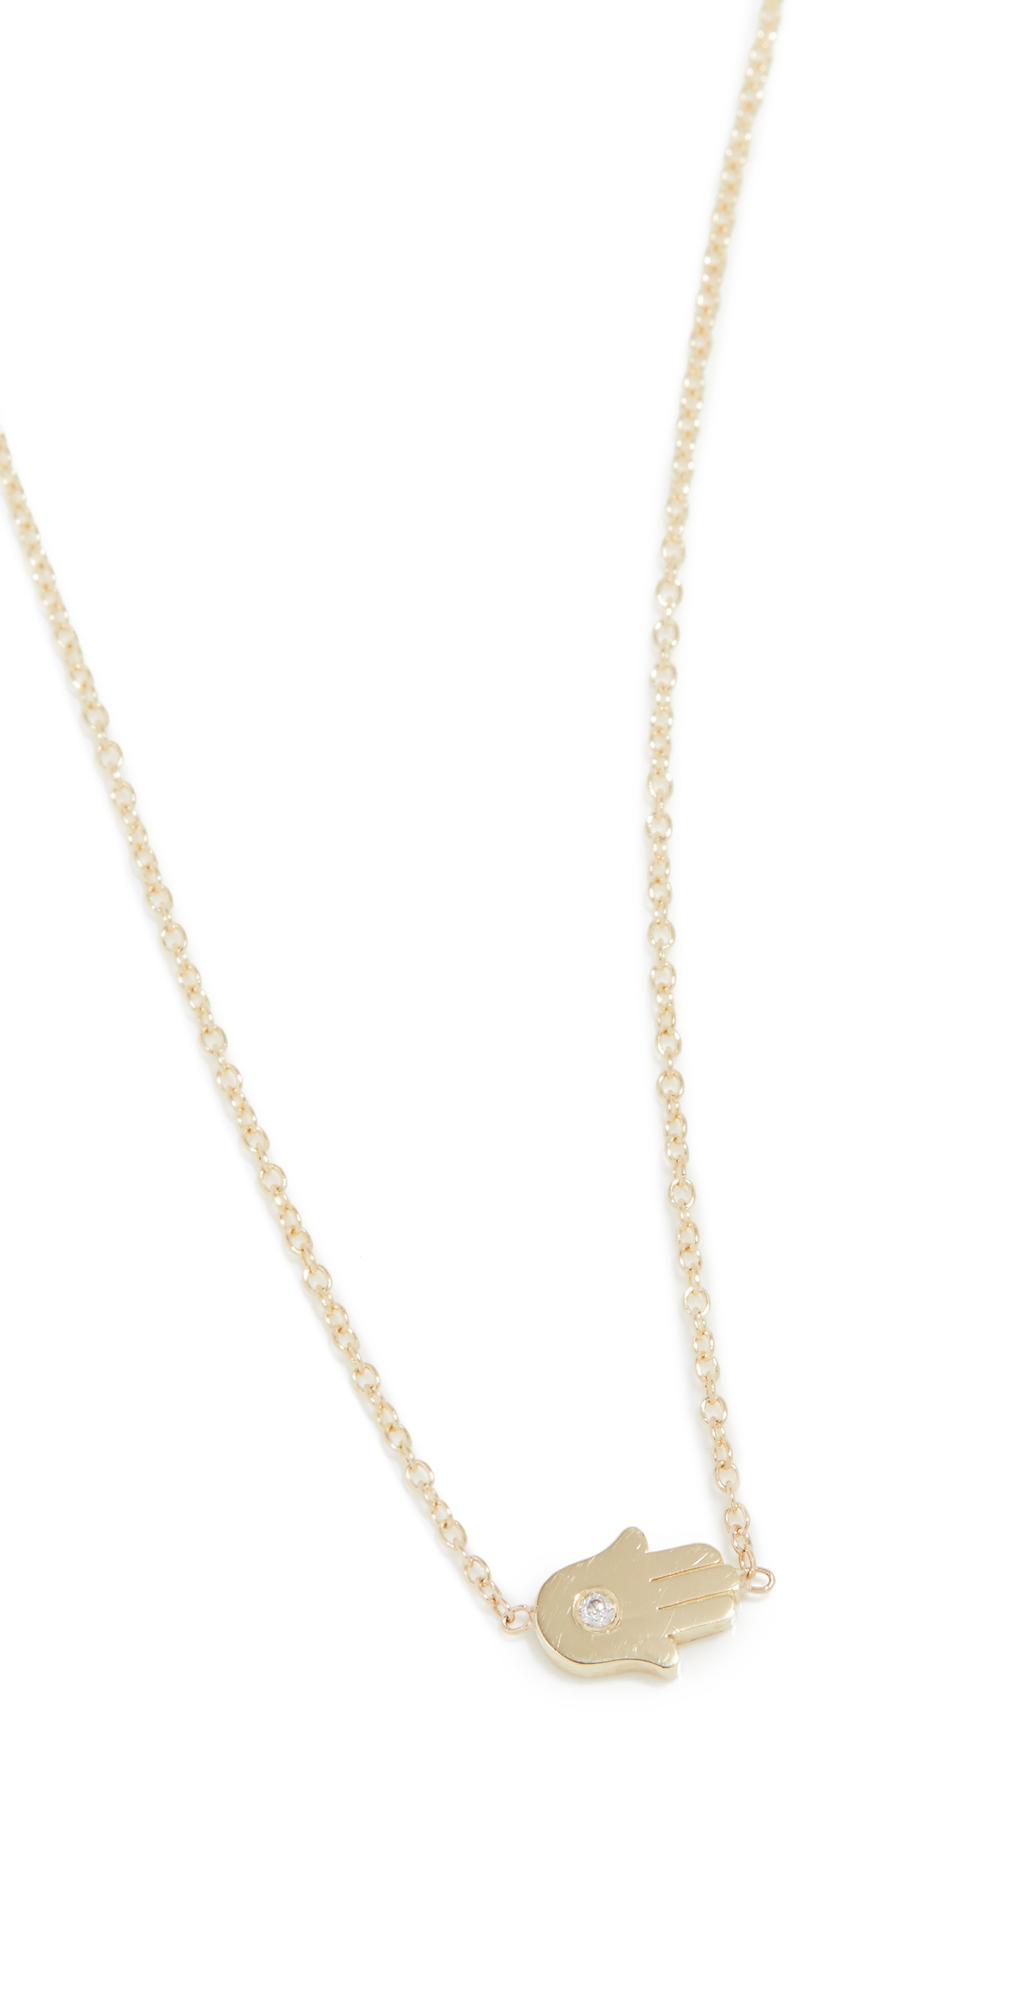 Mini Hamsa Necklace With Diamond Accent